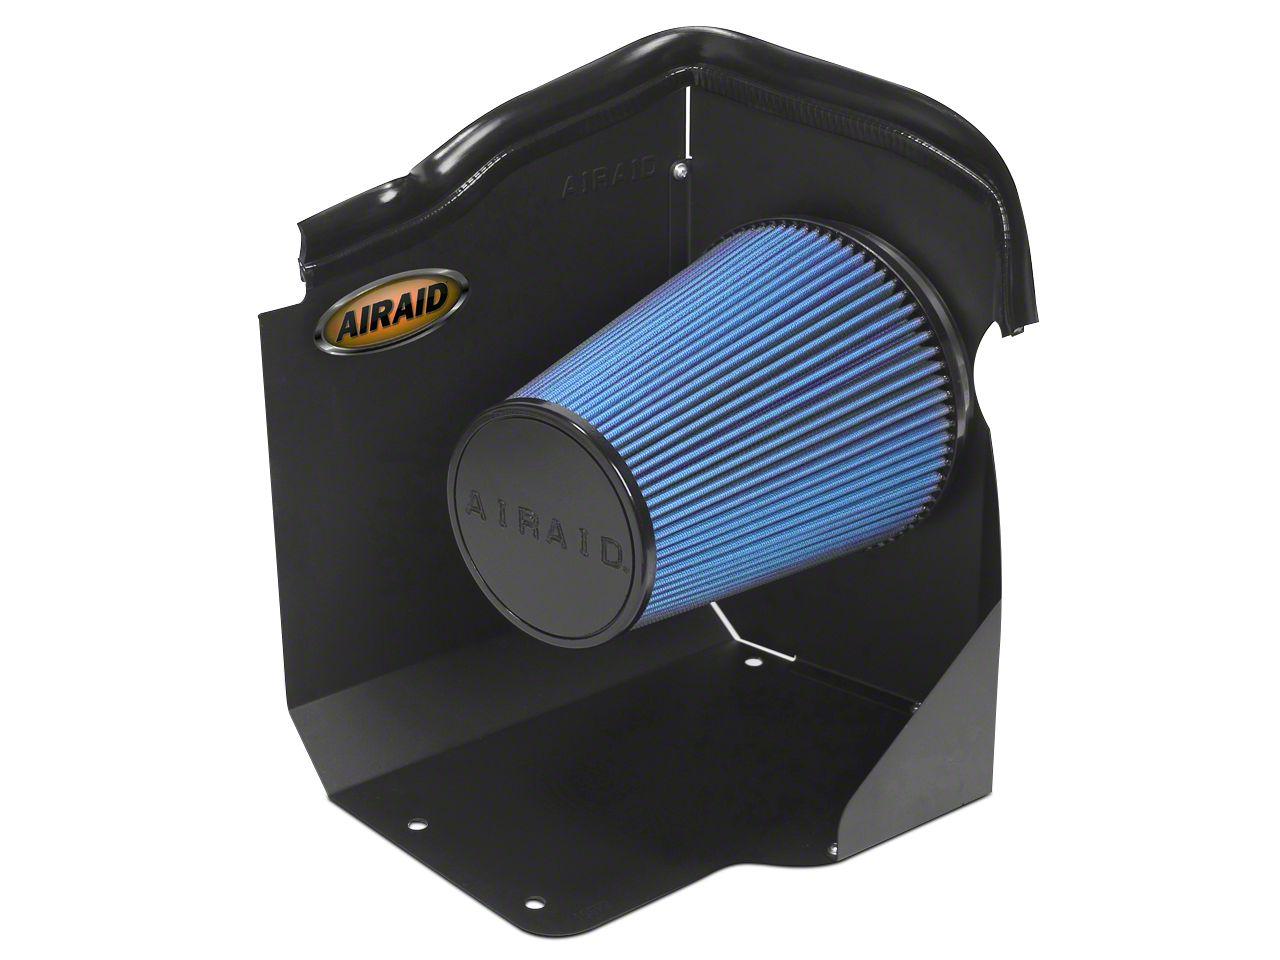 Airaid QuickFit Air Dam w/ Blue SynthaMax Dry Filter (07-08 5.3L Silverado 1500)